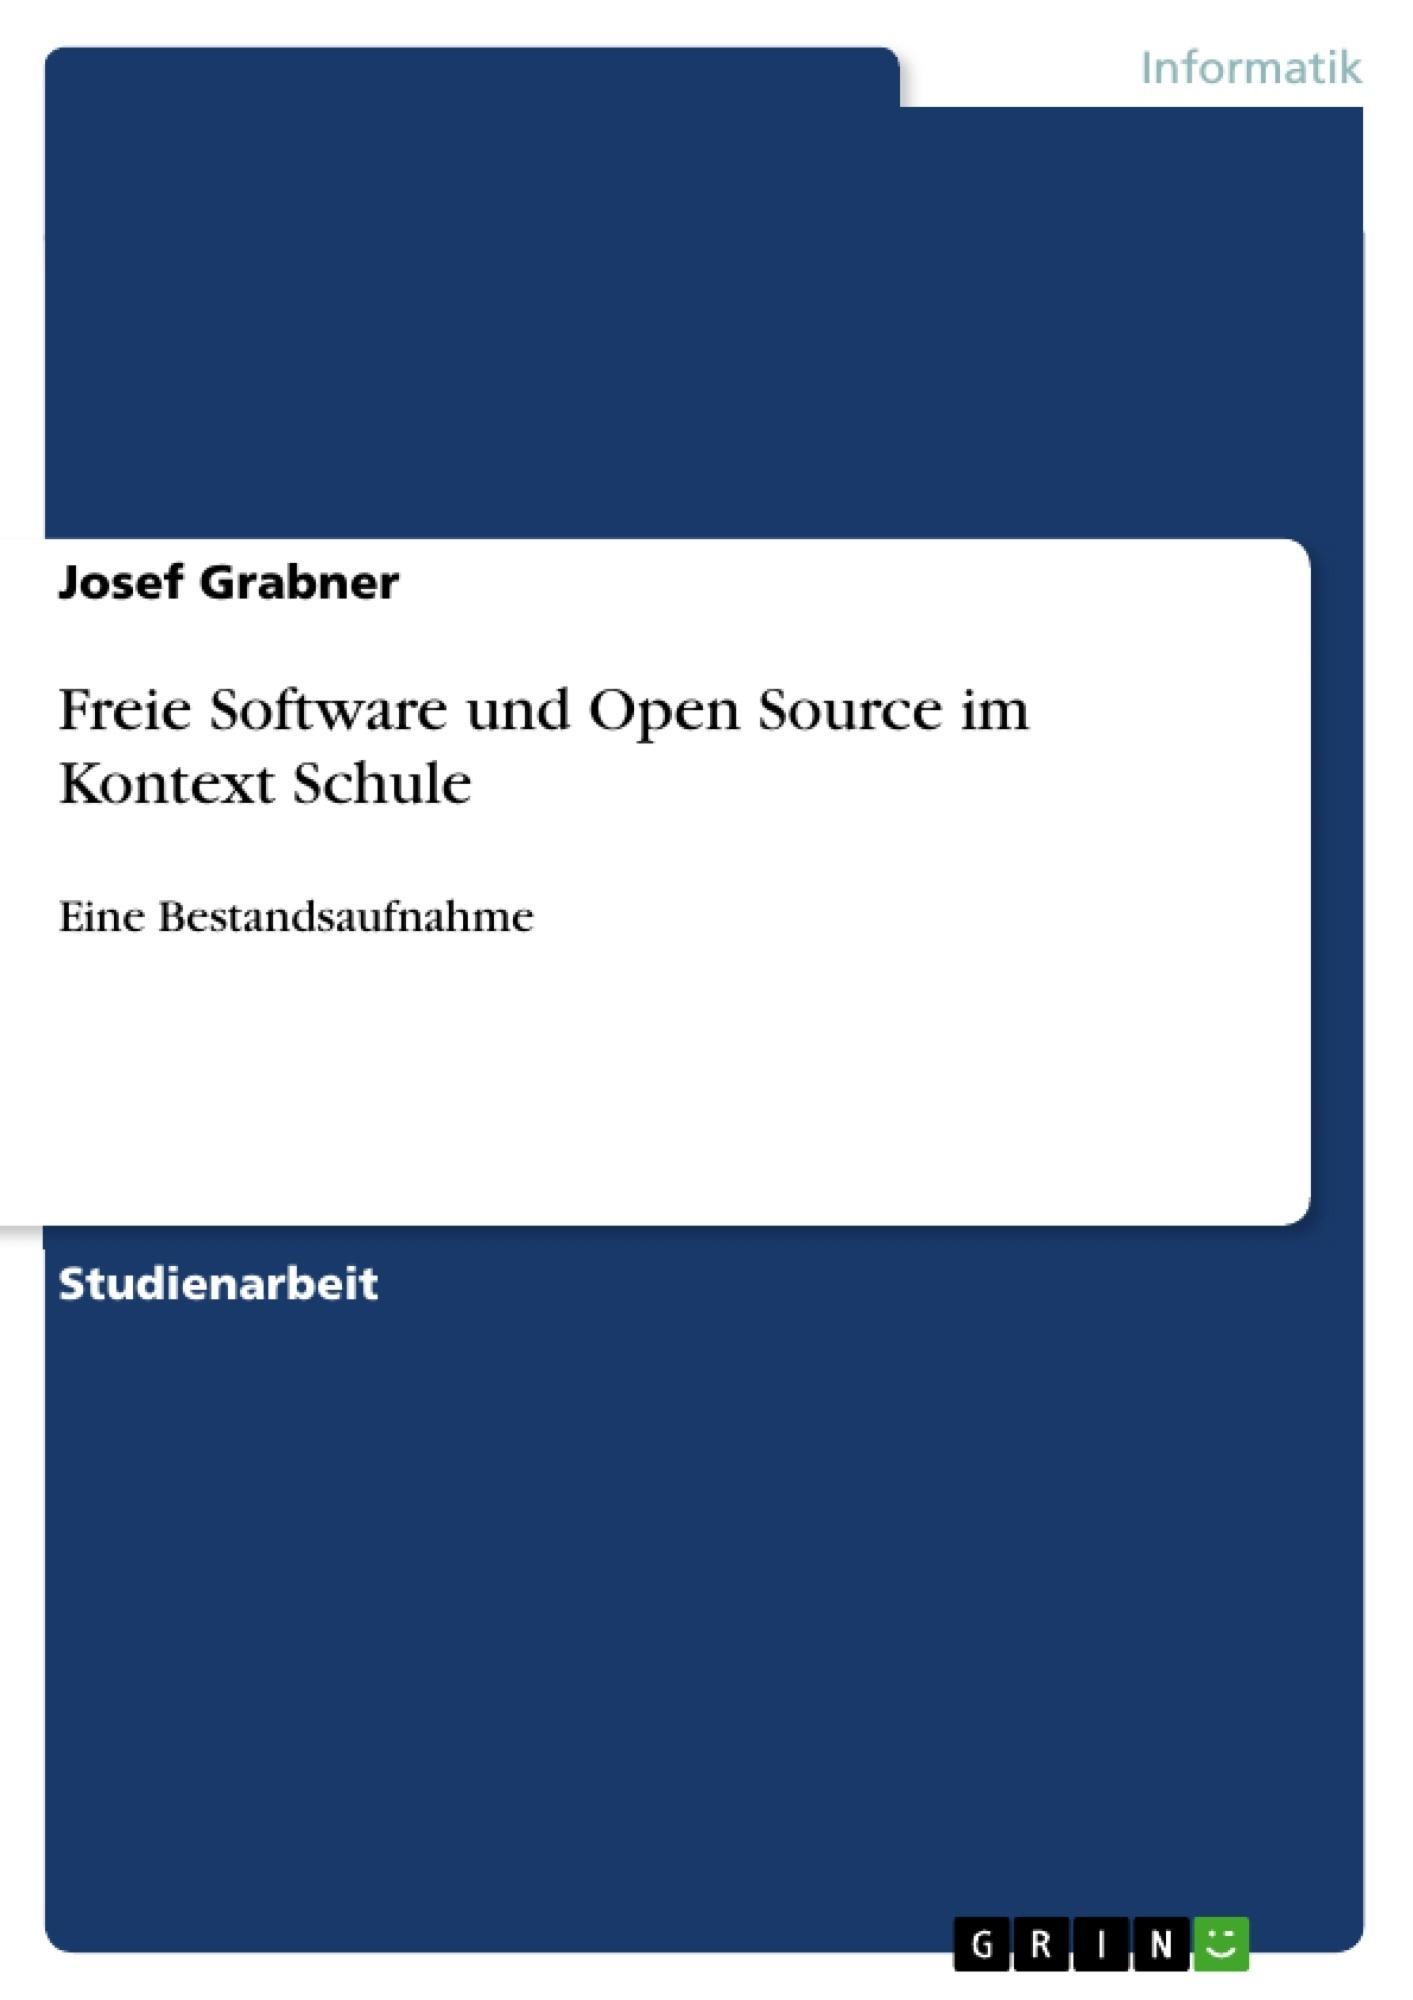 Titel: Freie Software und Open Source im Kontext Schule